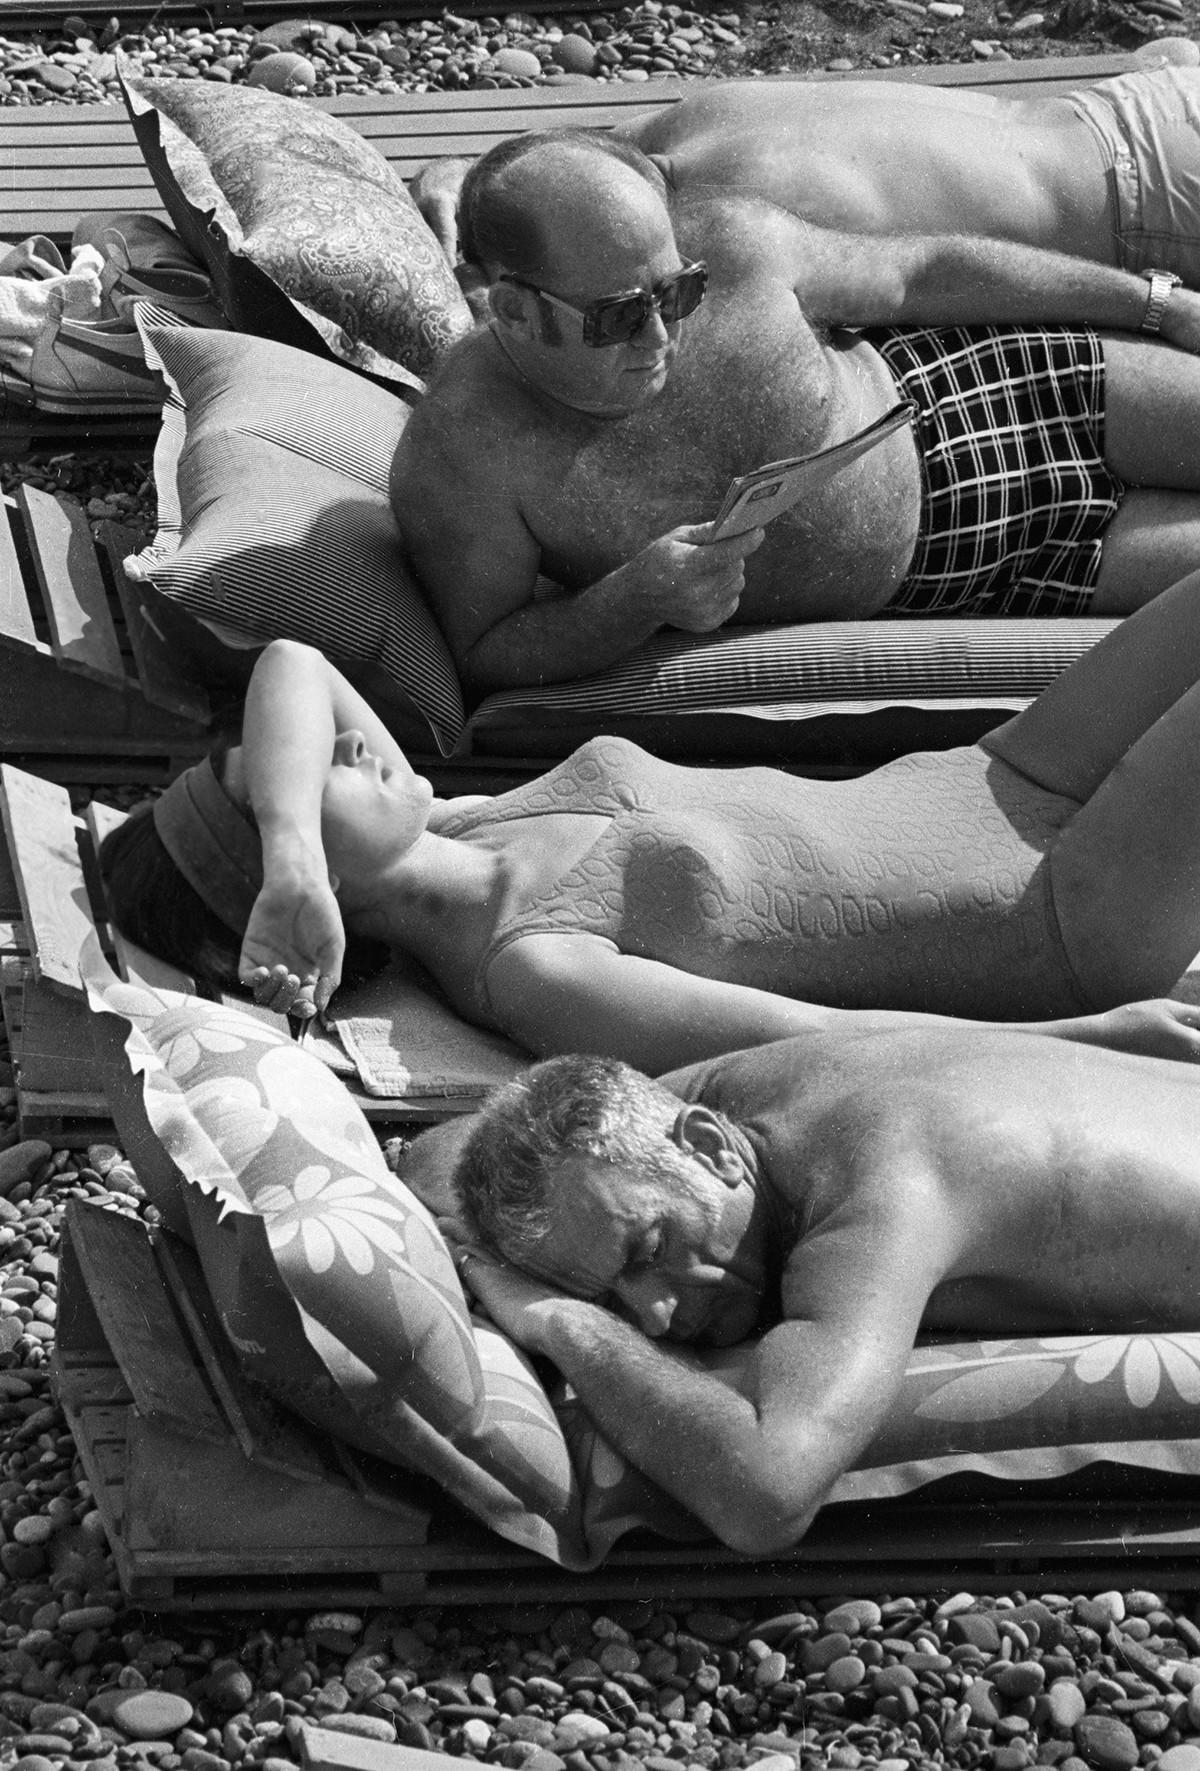 Les membres d'équipages de Soyouz-19 et Appolo, Alexeï Leonov et Donald Slayton, sur la plage de Sotchi en compagnie de l'épouse du cosmonaute soviétique